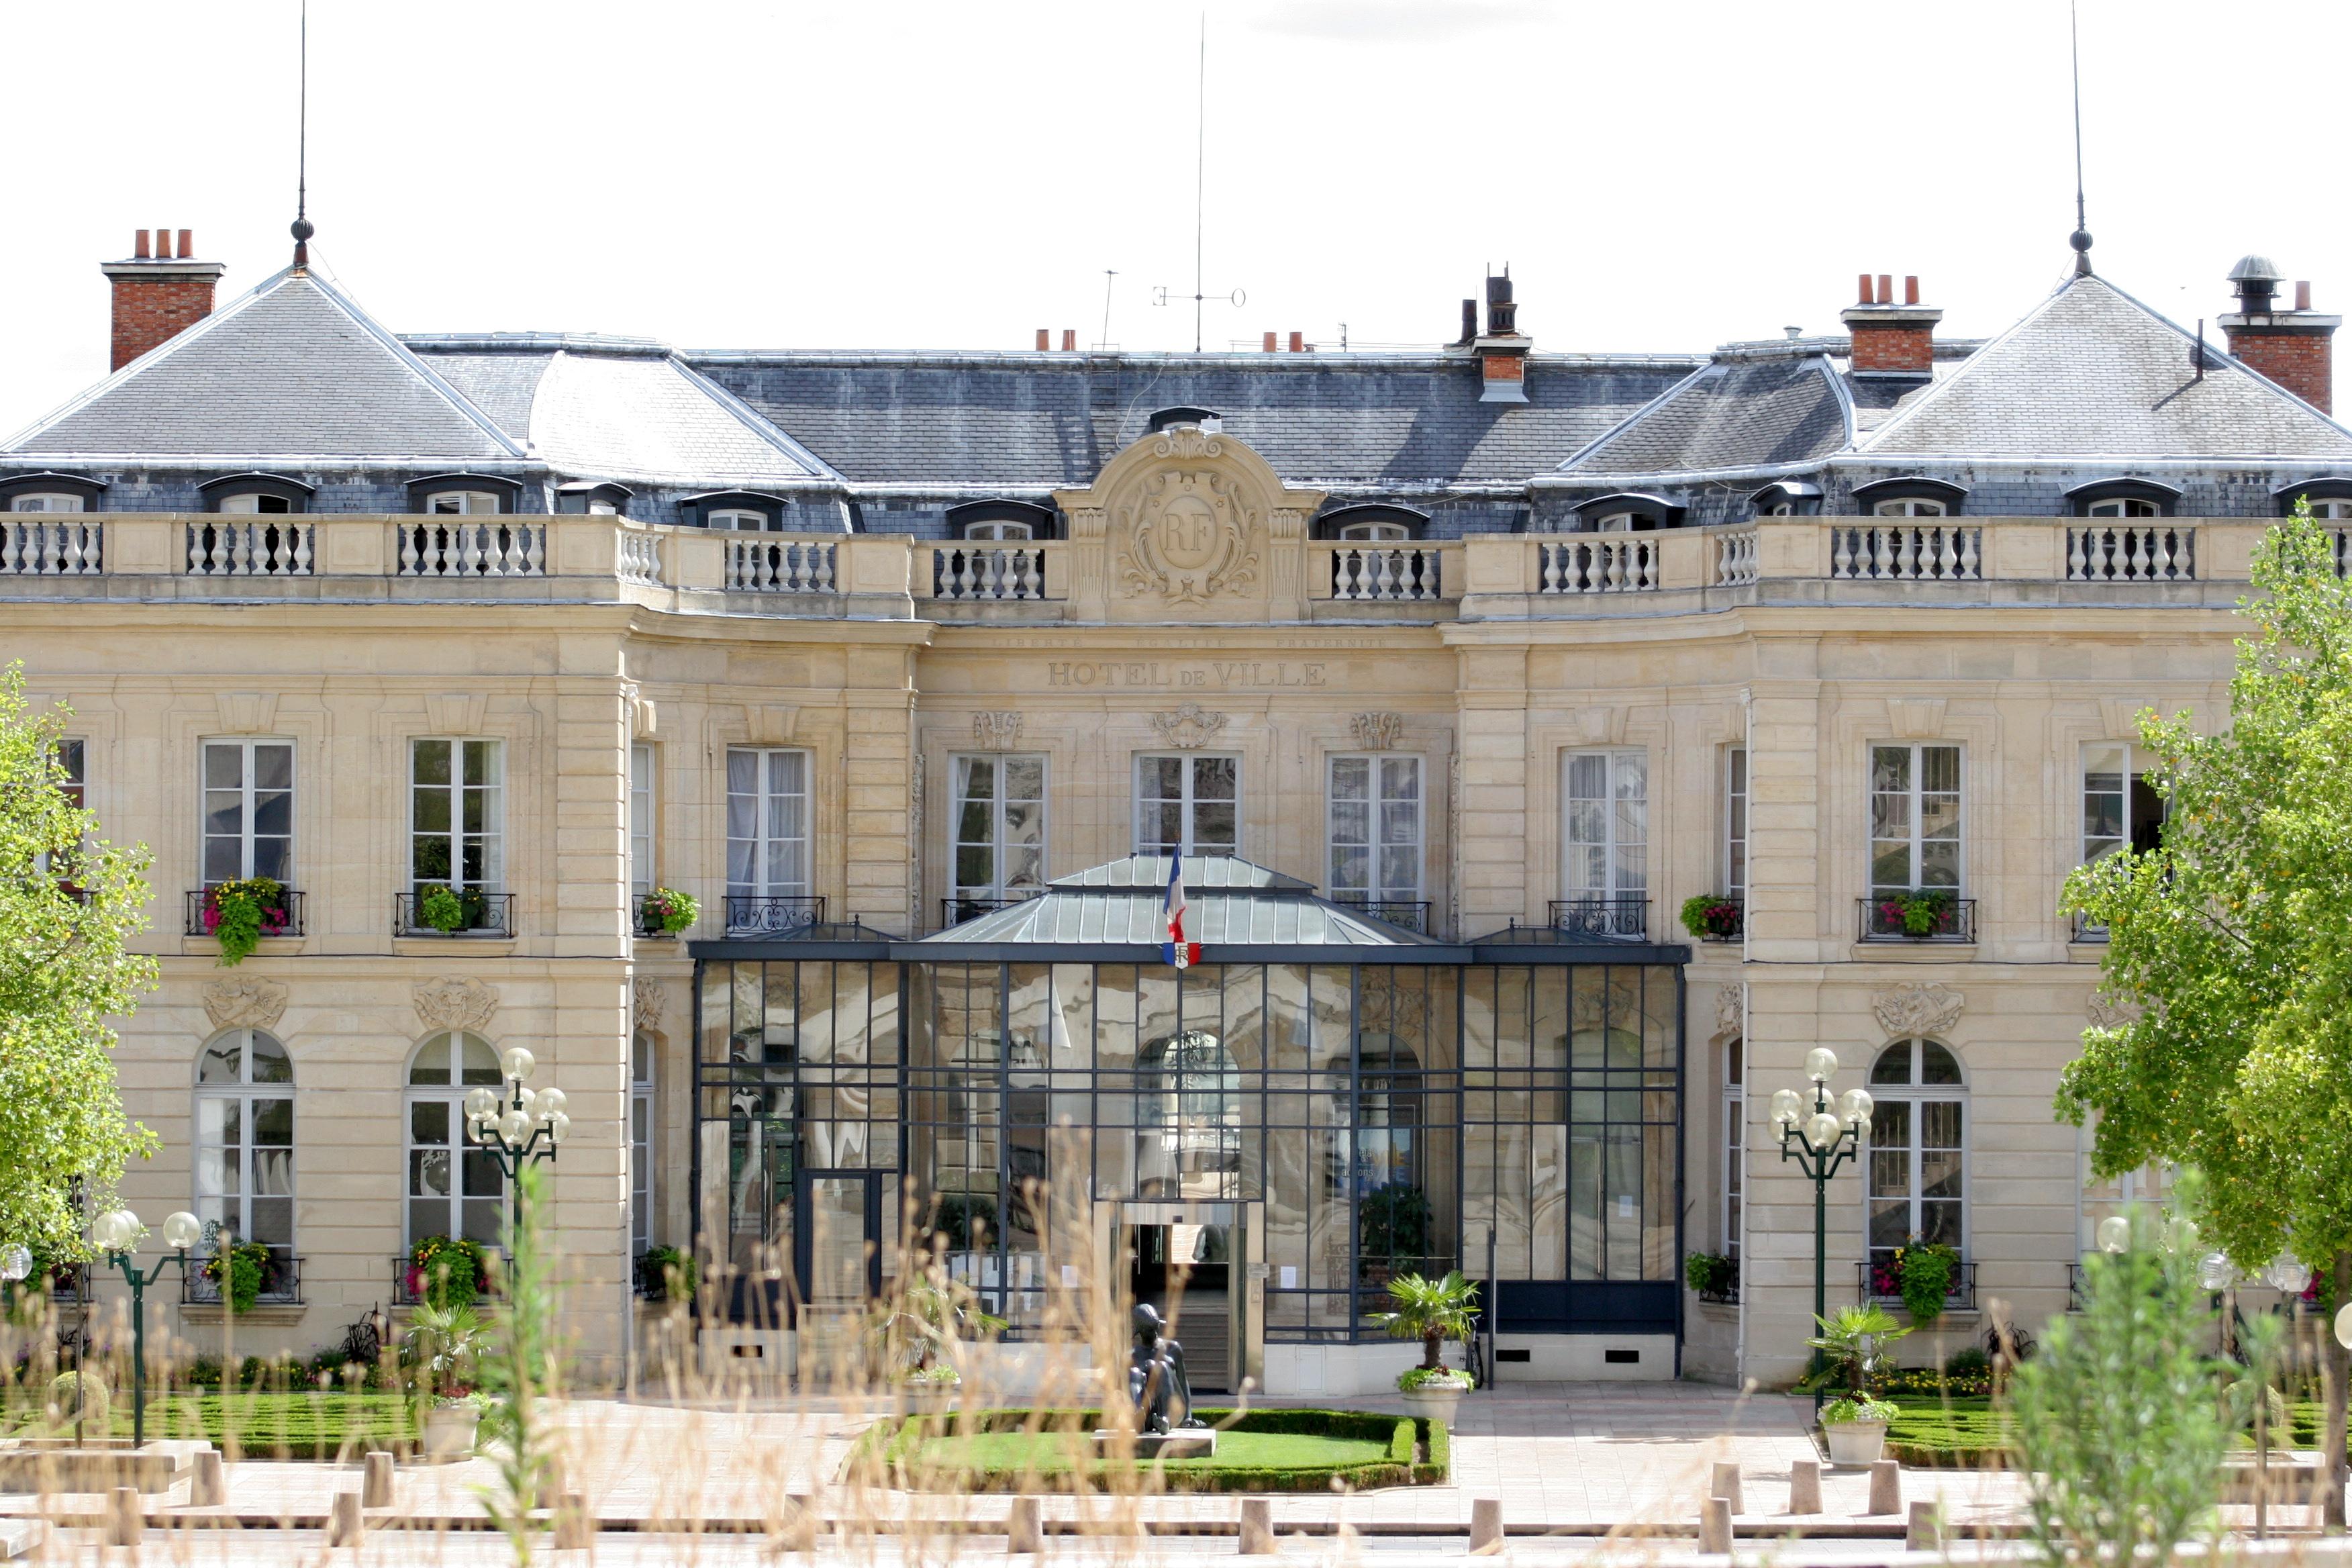 5 ch teaux du 18e si cle visiter en r gion parisienne for Hotel romantique region parisienne